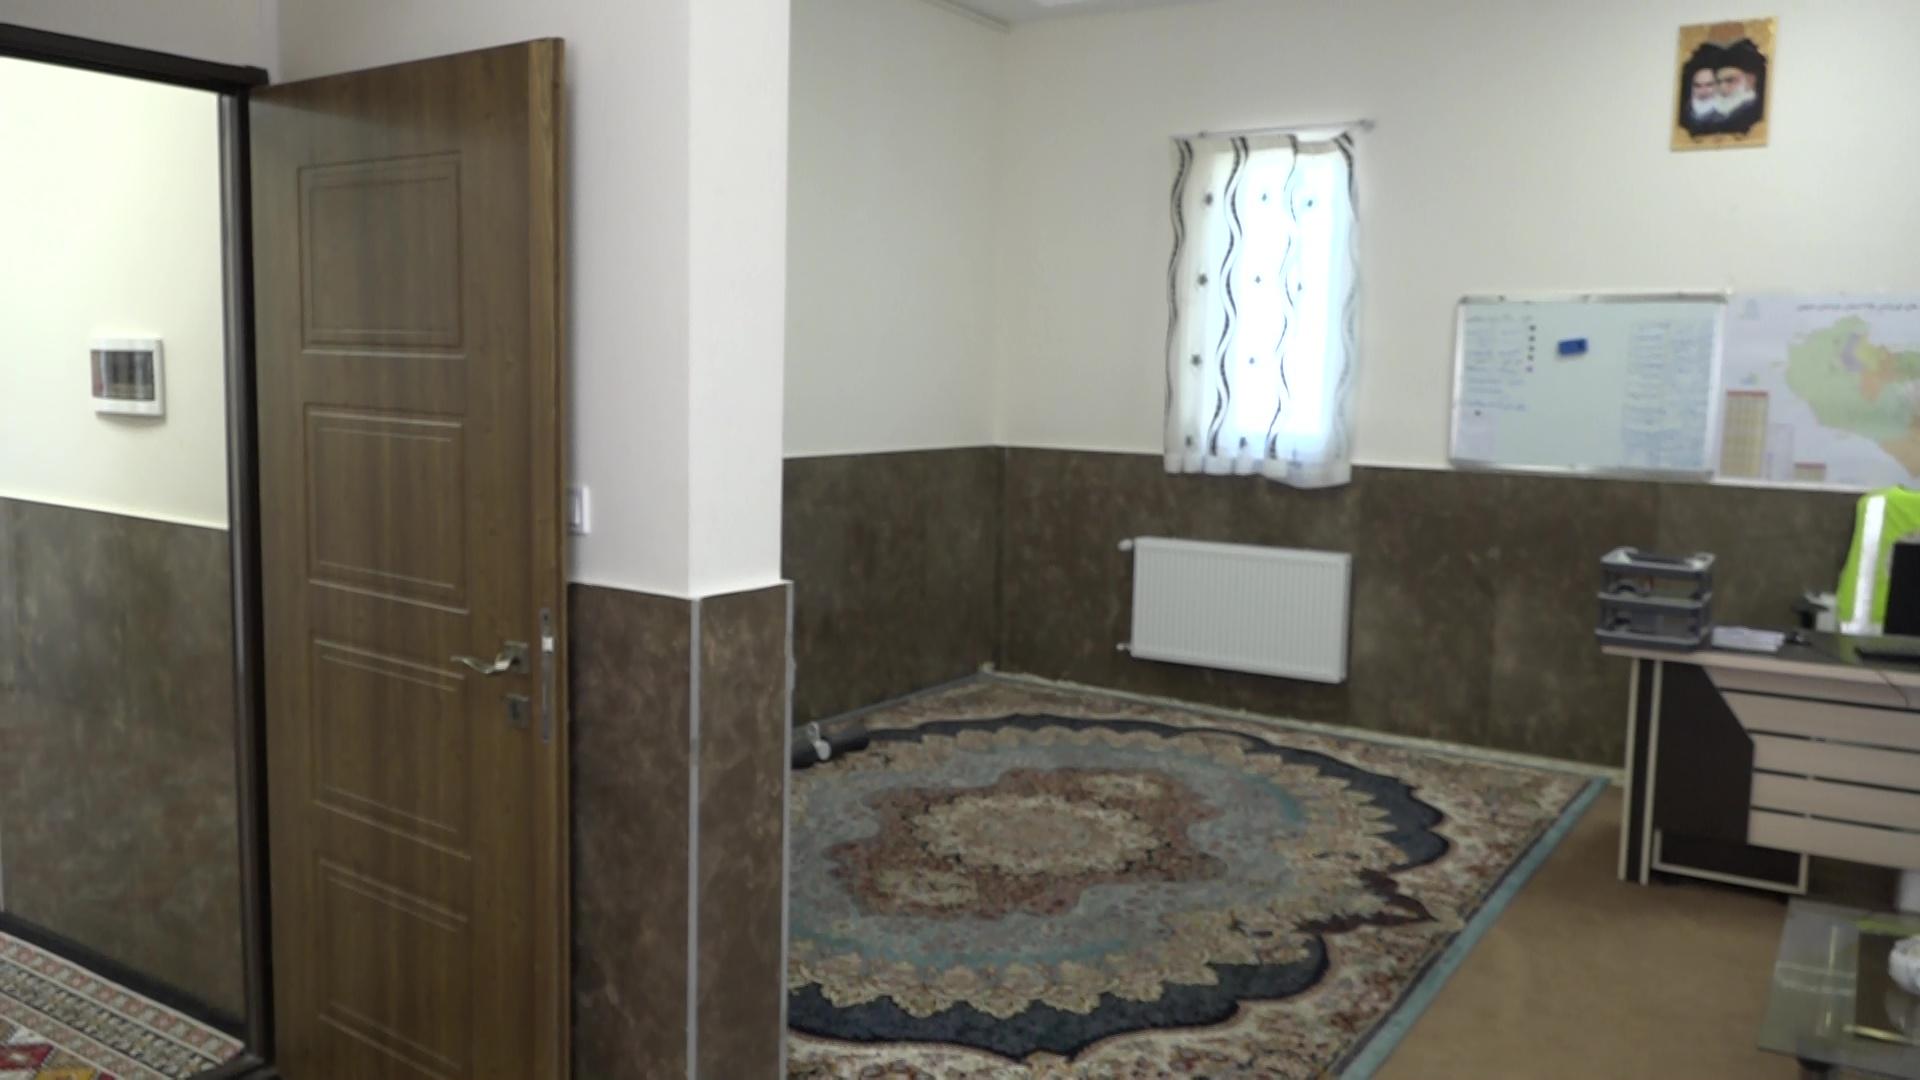 افتتاح دو طرح بهداشتی با کمک خیران در شهرستان درمیان